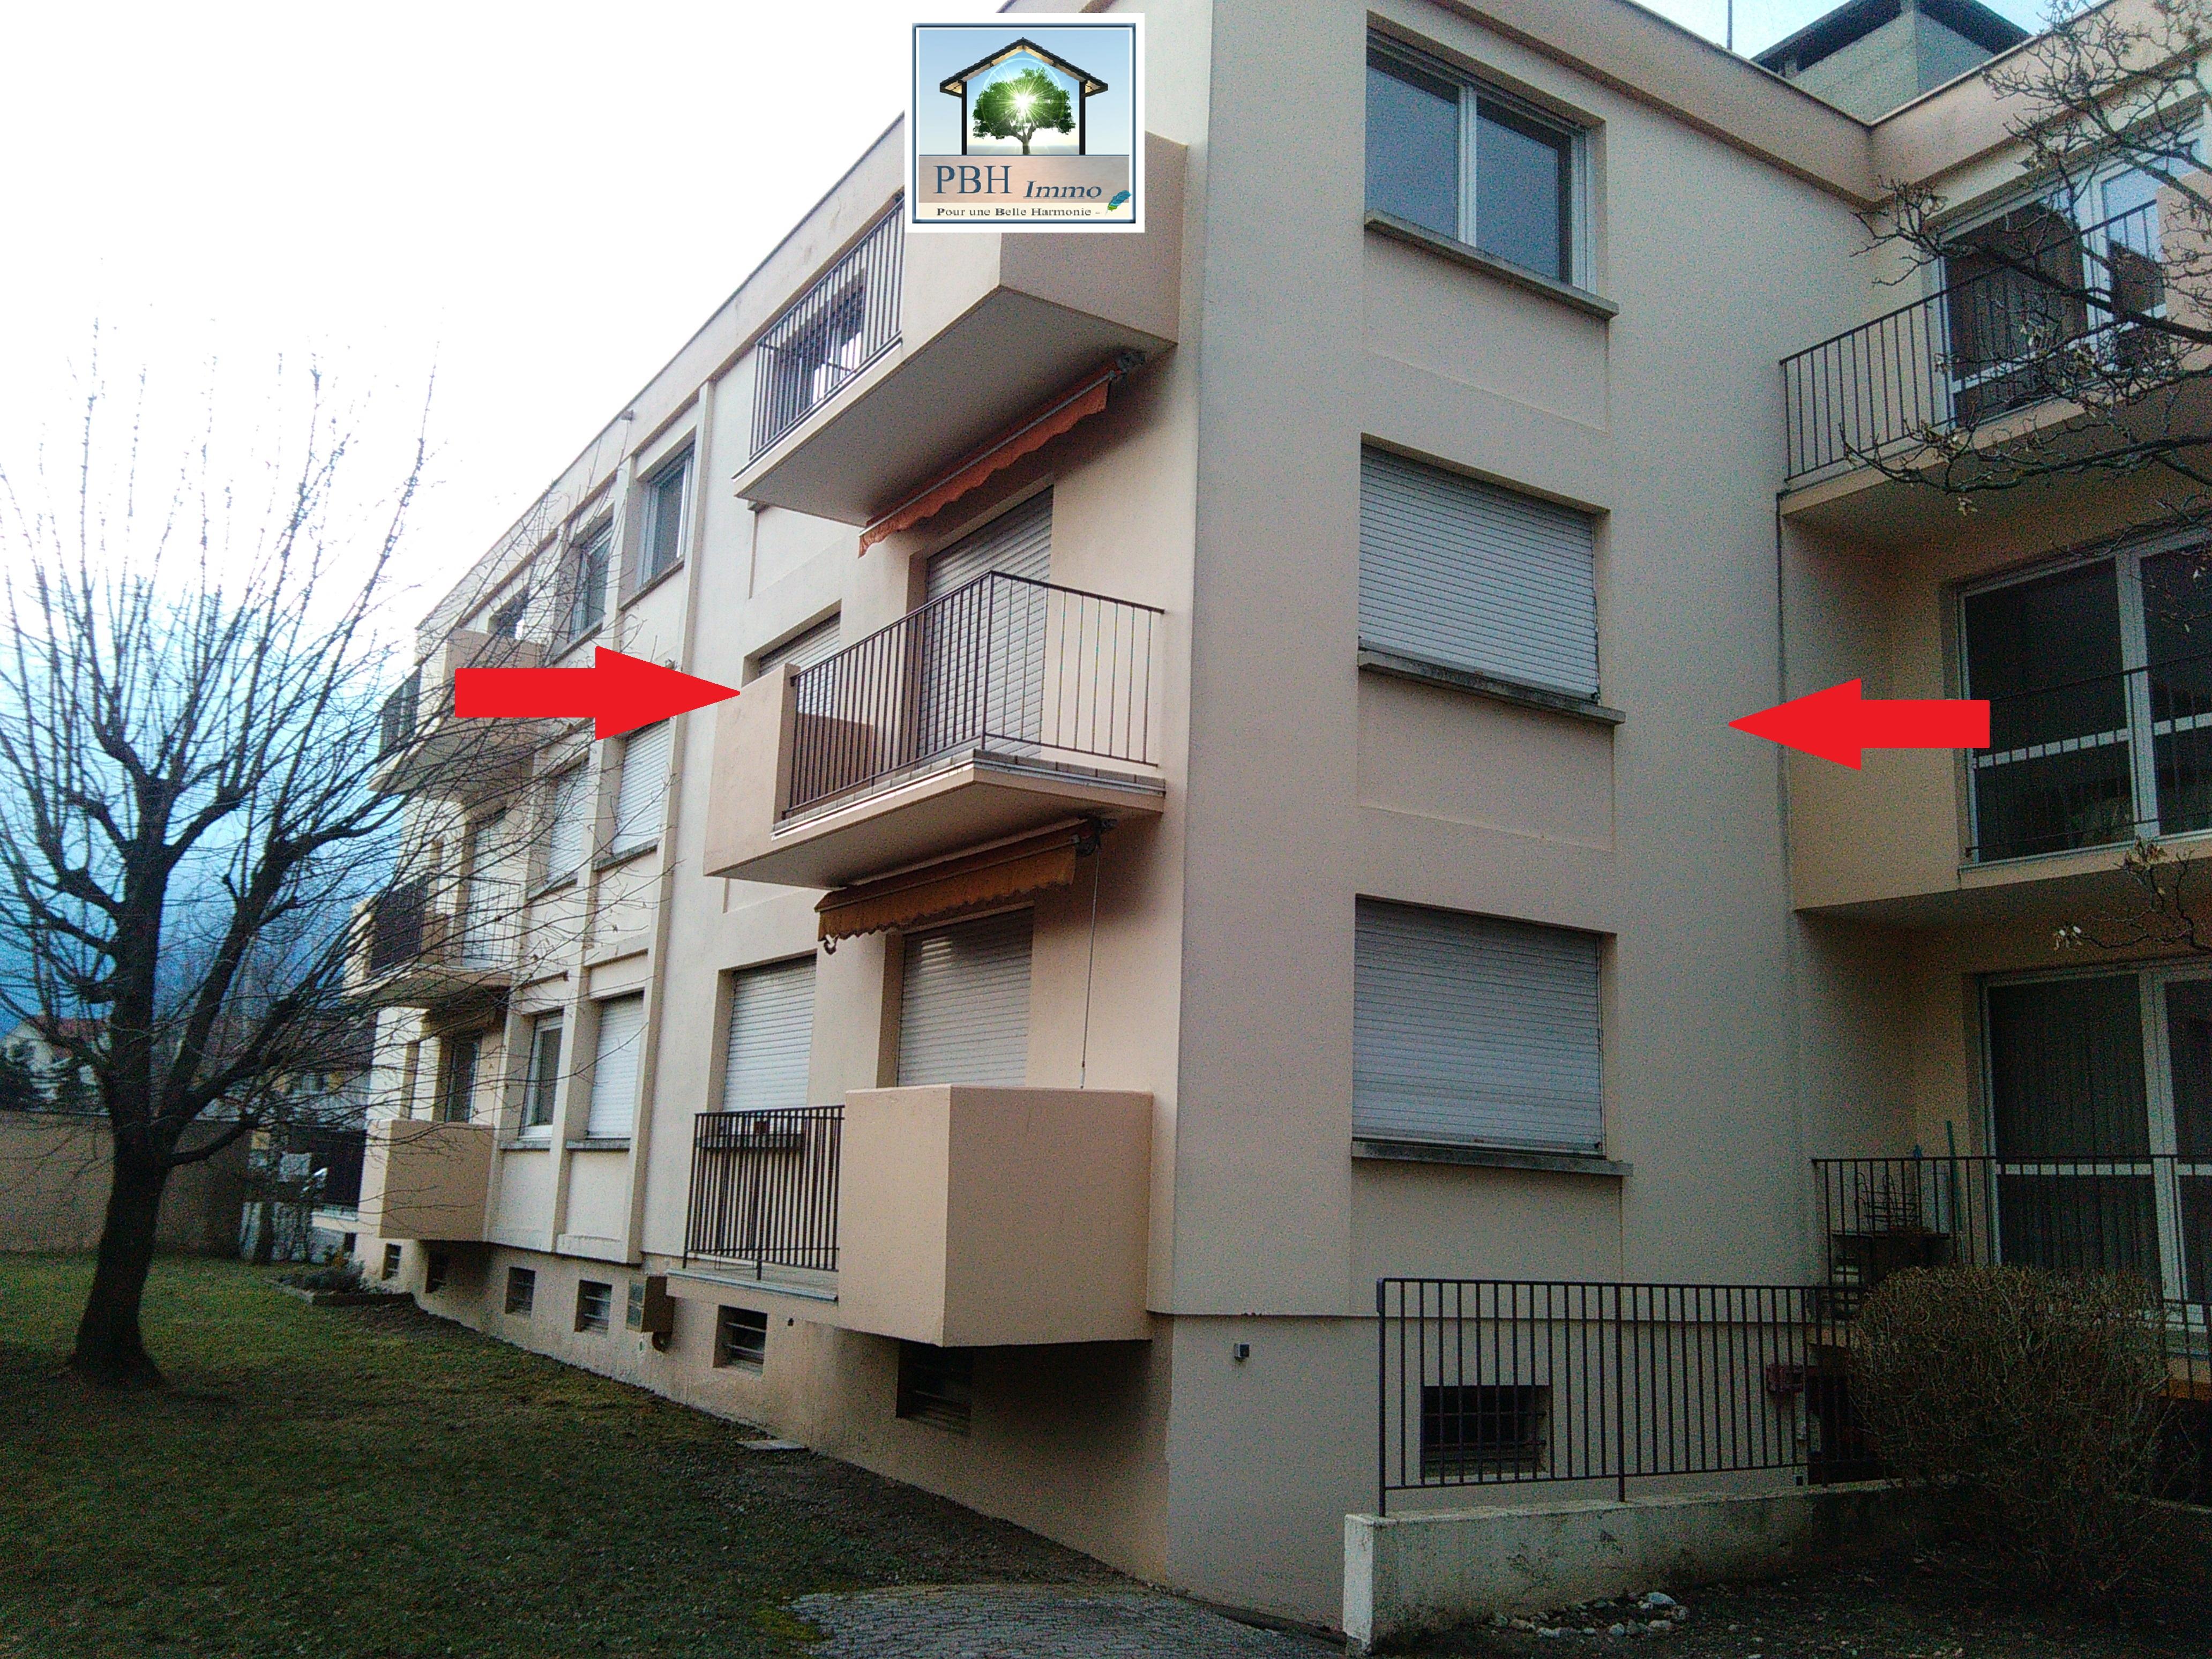 Vente appartement haut rhin colmar colmar 68000 for Appartement atypique colmar